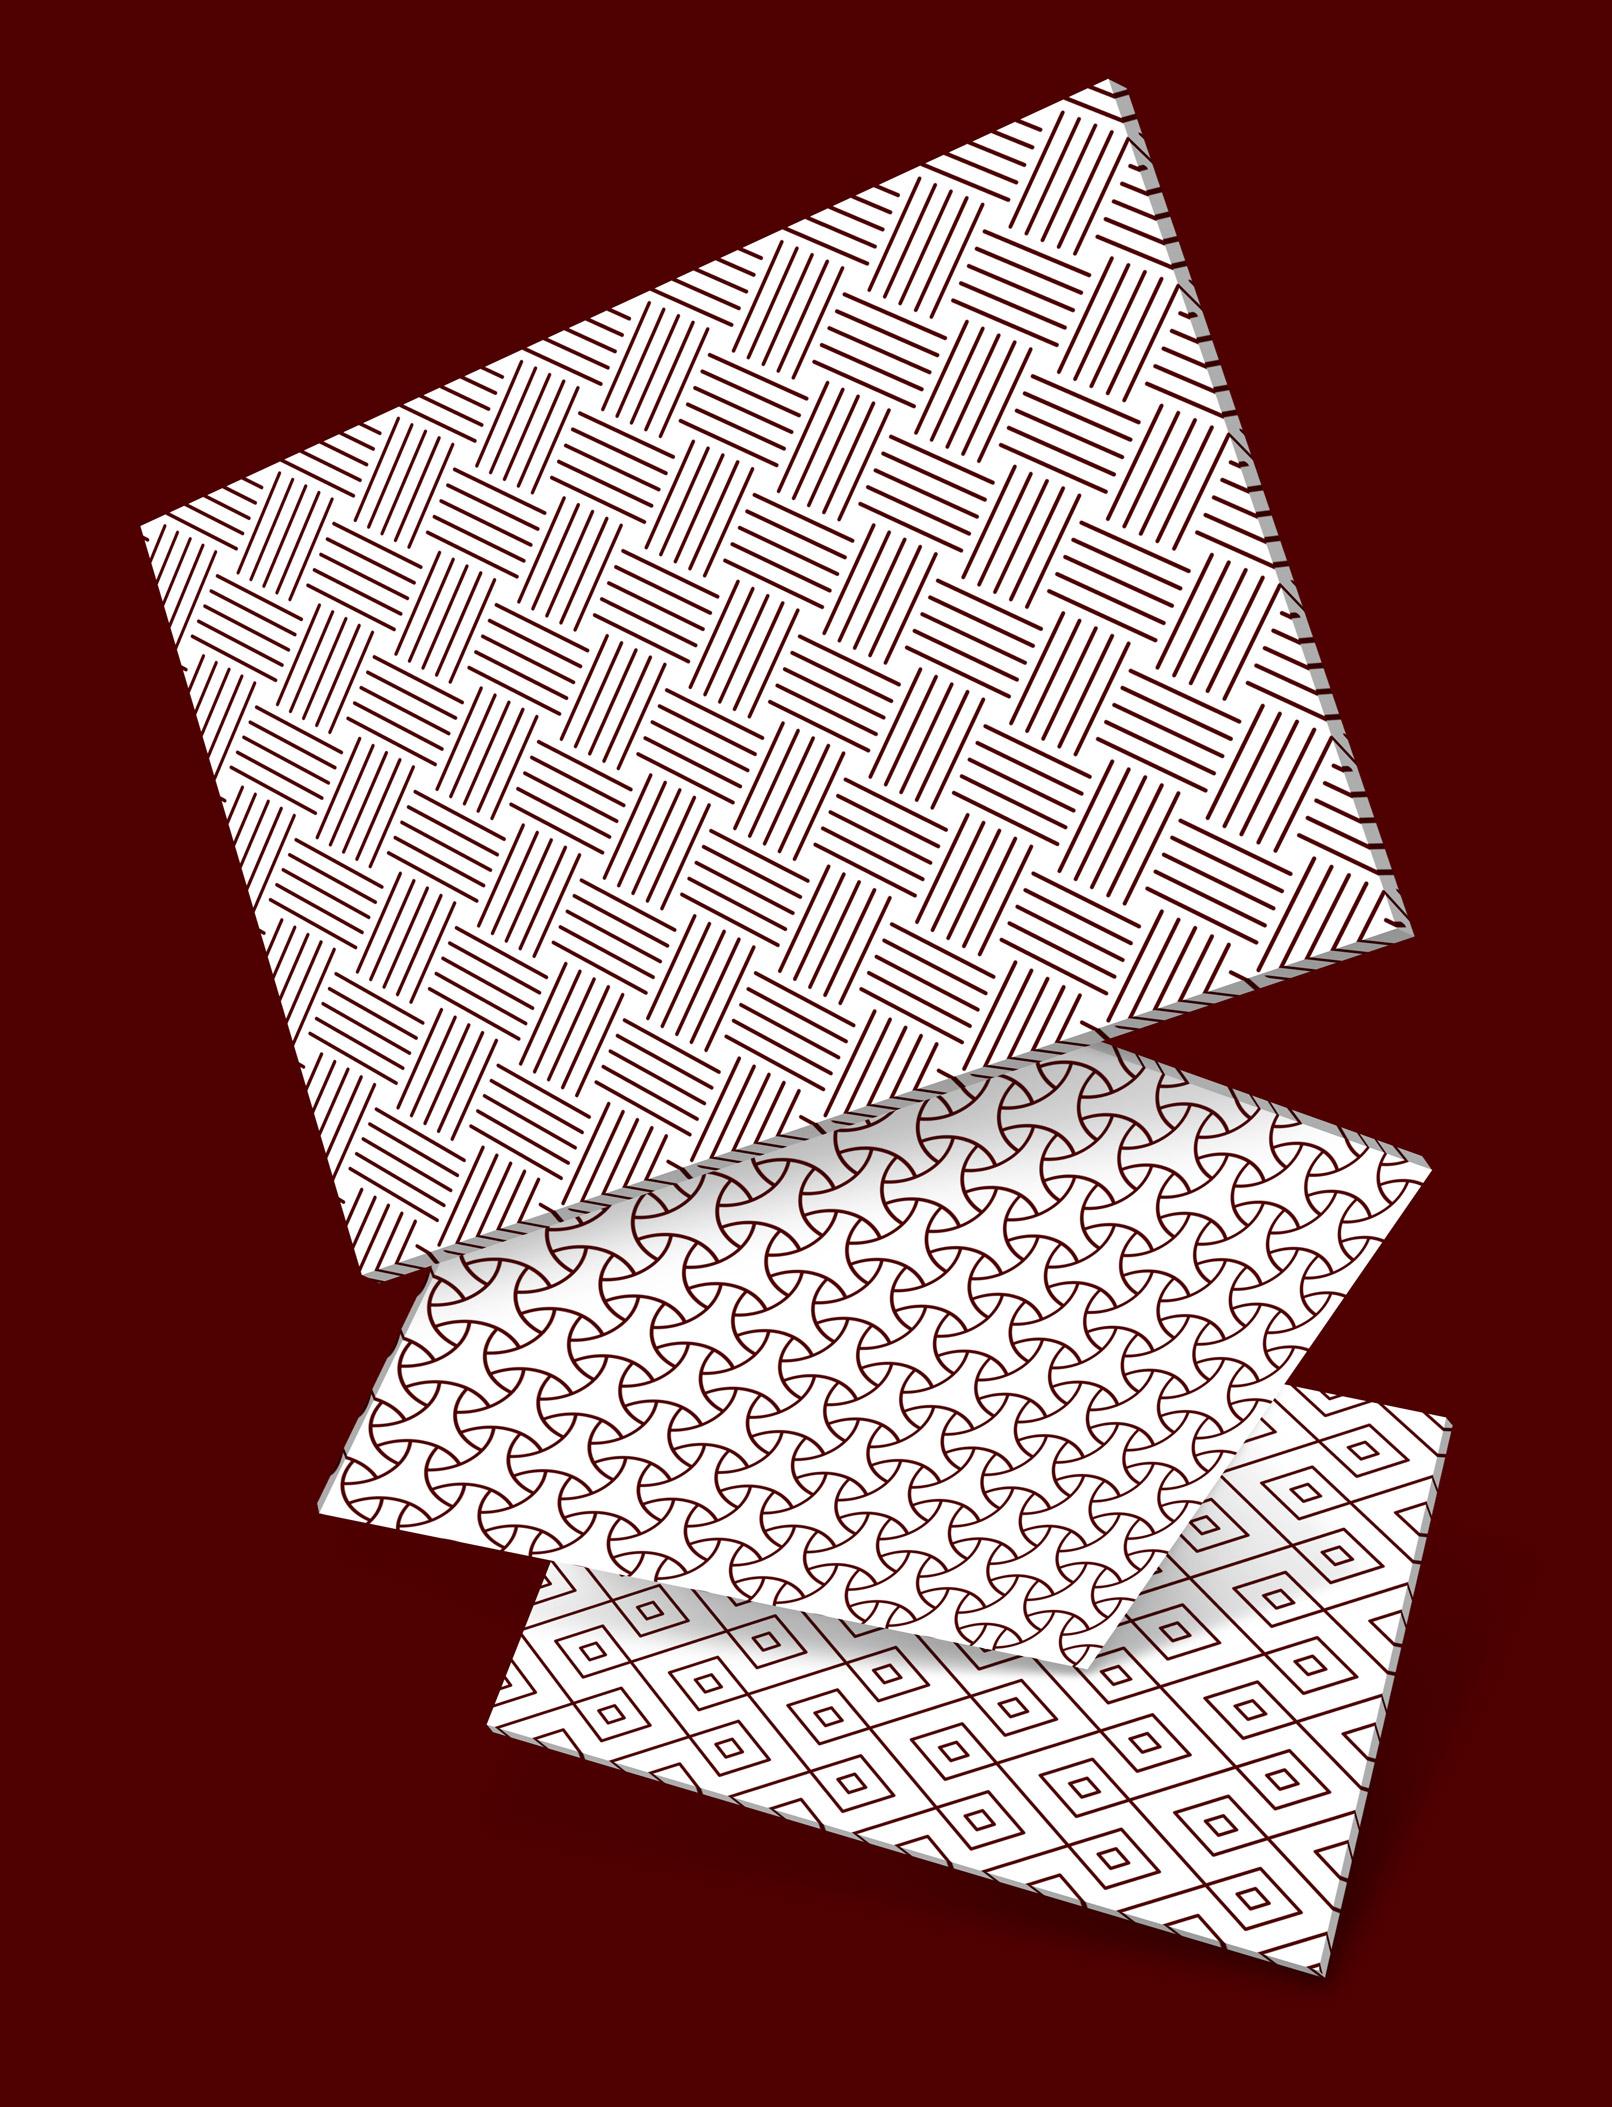 Hintergründe, die mit den vektorbasierten Mustern erstellt wurden